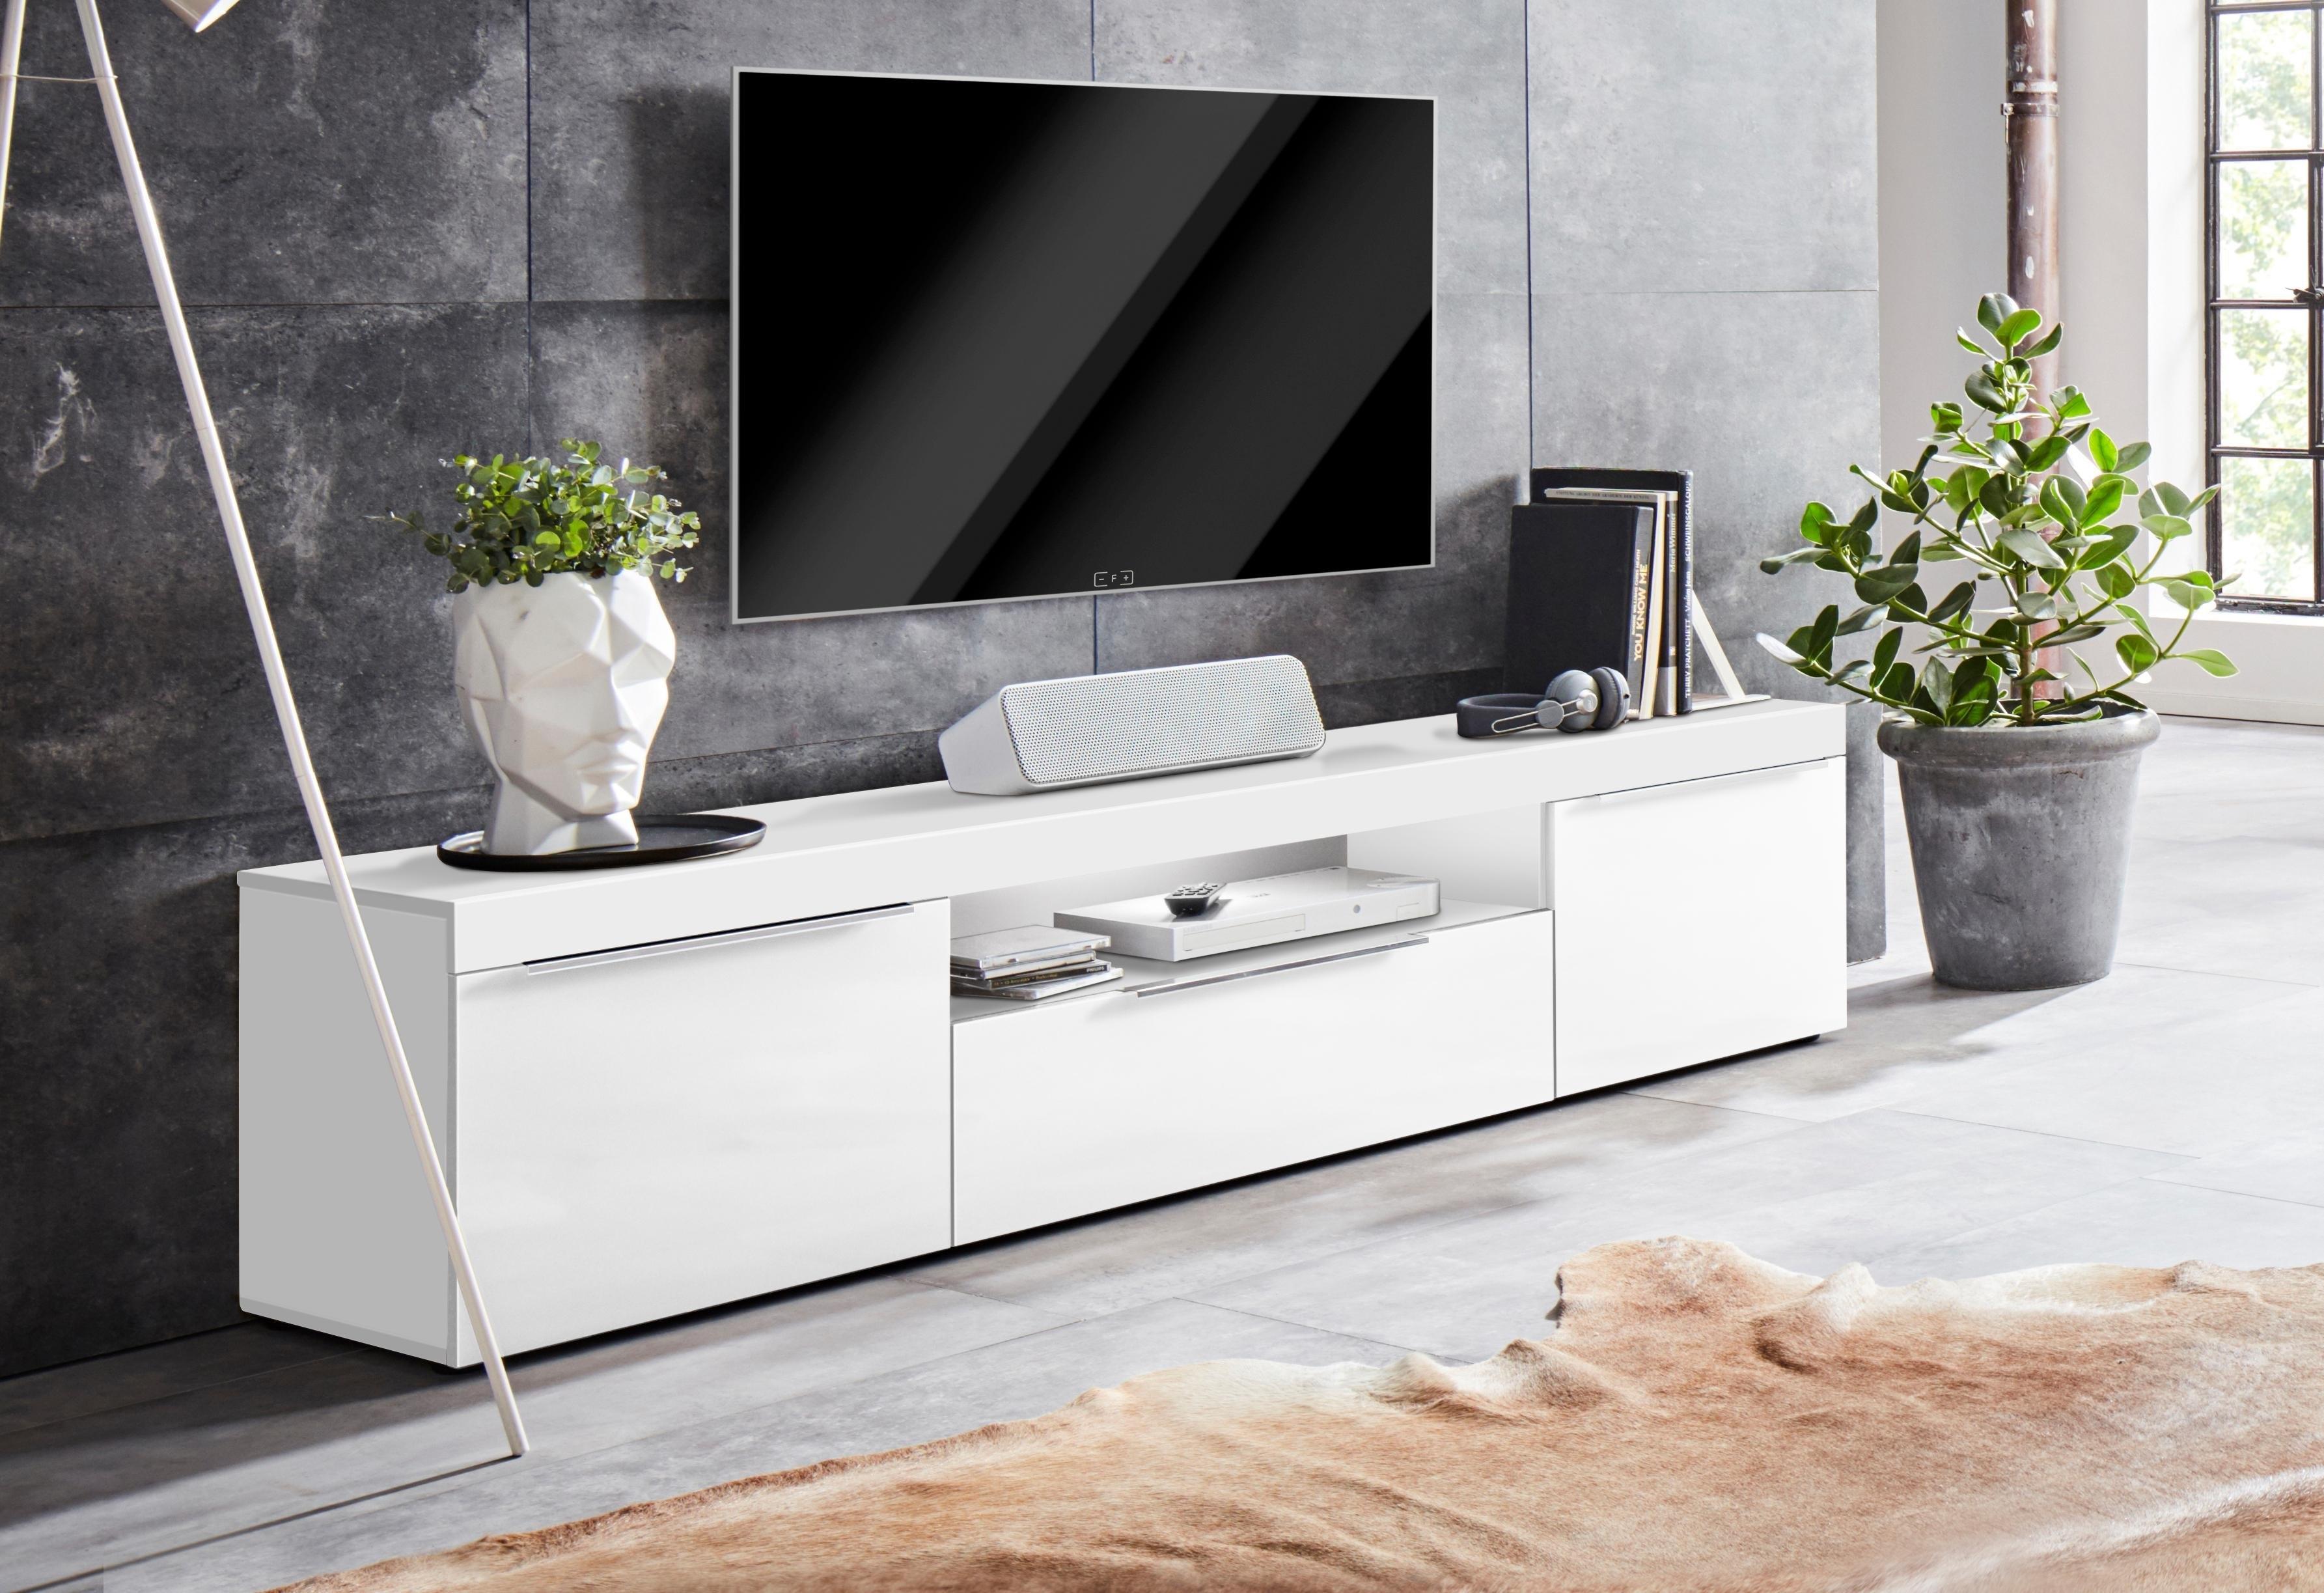 borchardt Möbel tv-meubel Durban Breedte 166 cm goedkoop op otto.nl kopen